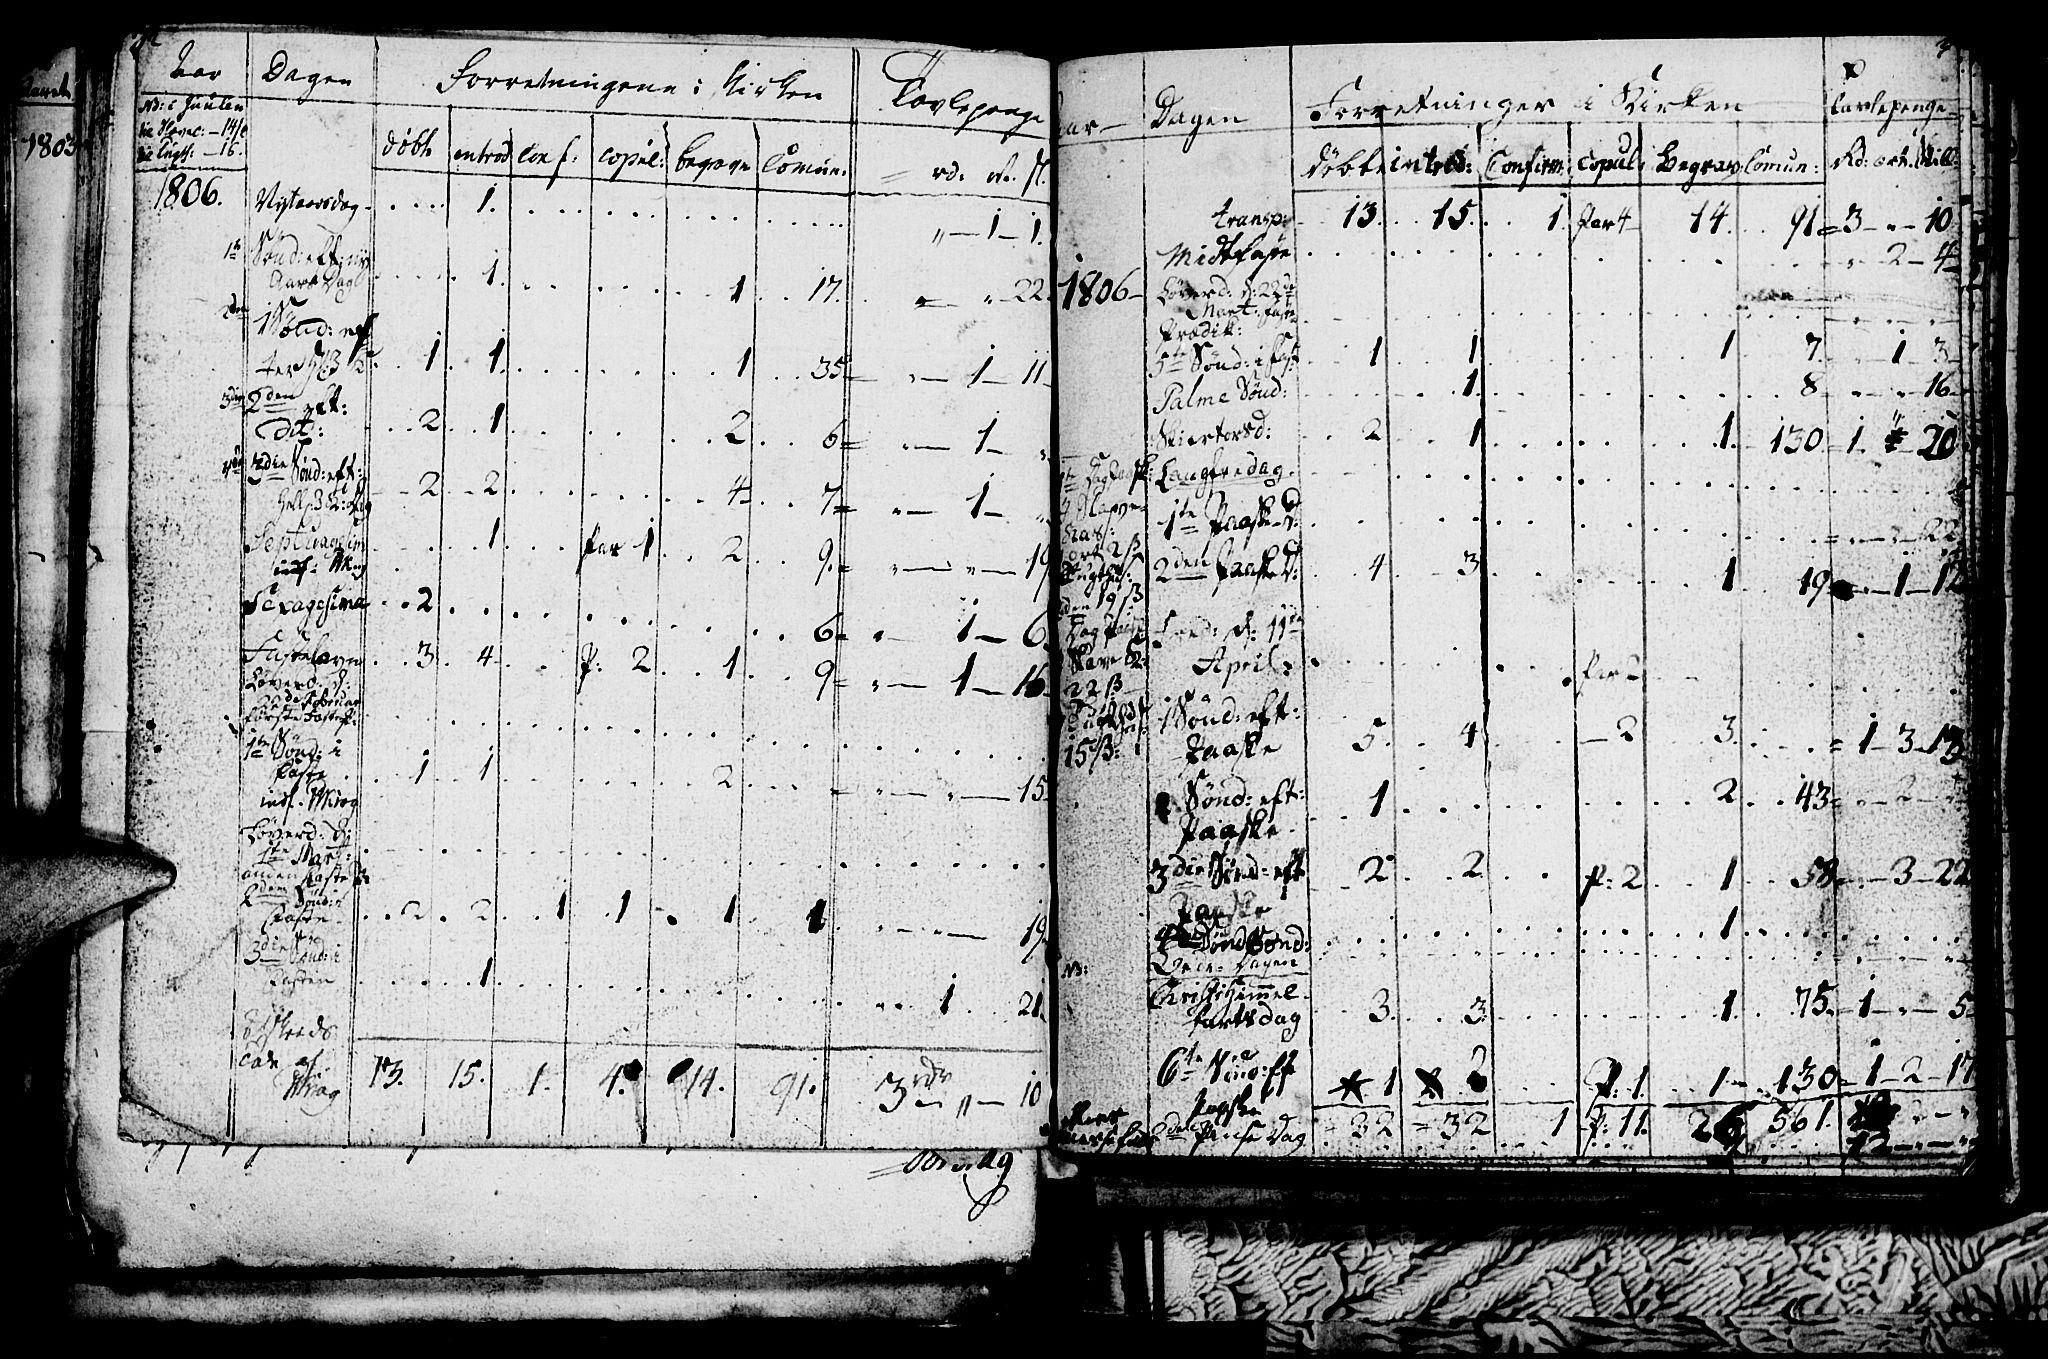 SAT, Ministerialprotokoller, klokkerbøker og fødselsregistre - Sør-Trøndelag, 681/L0937: Klokkerbok nr. 681C01, 1798-1810, s. 2-3